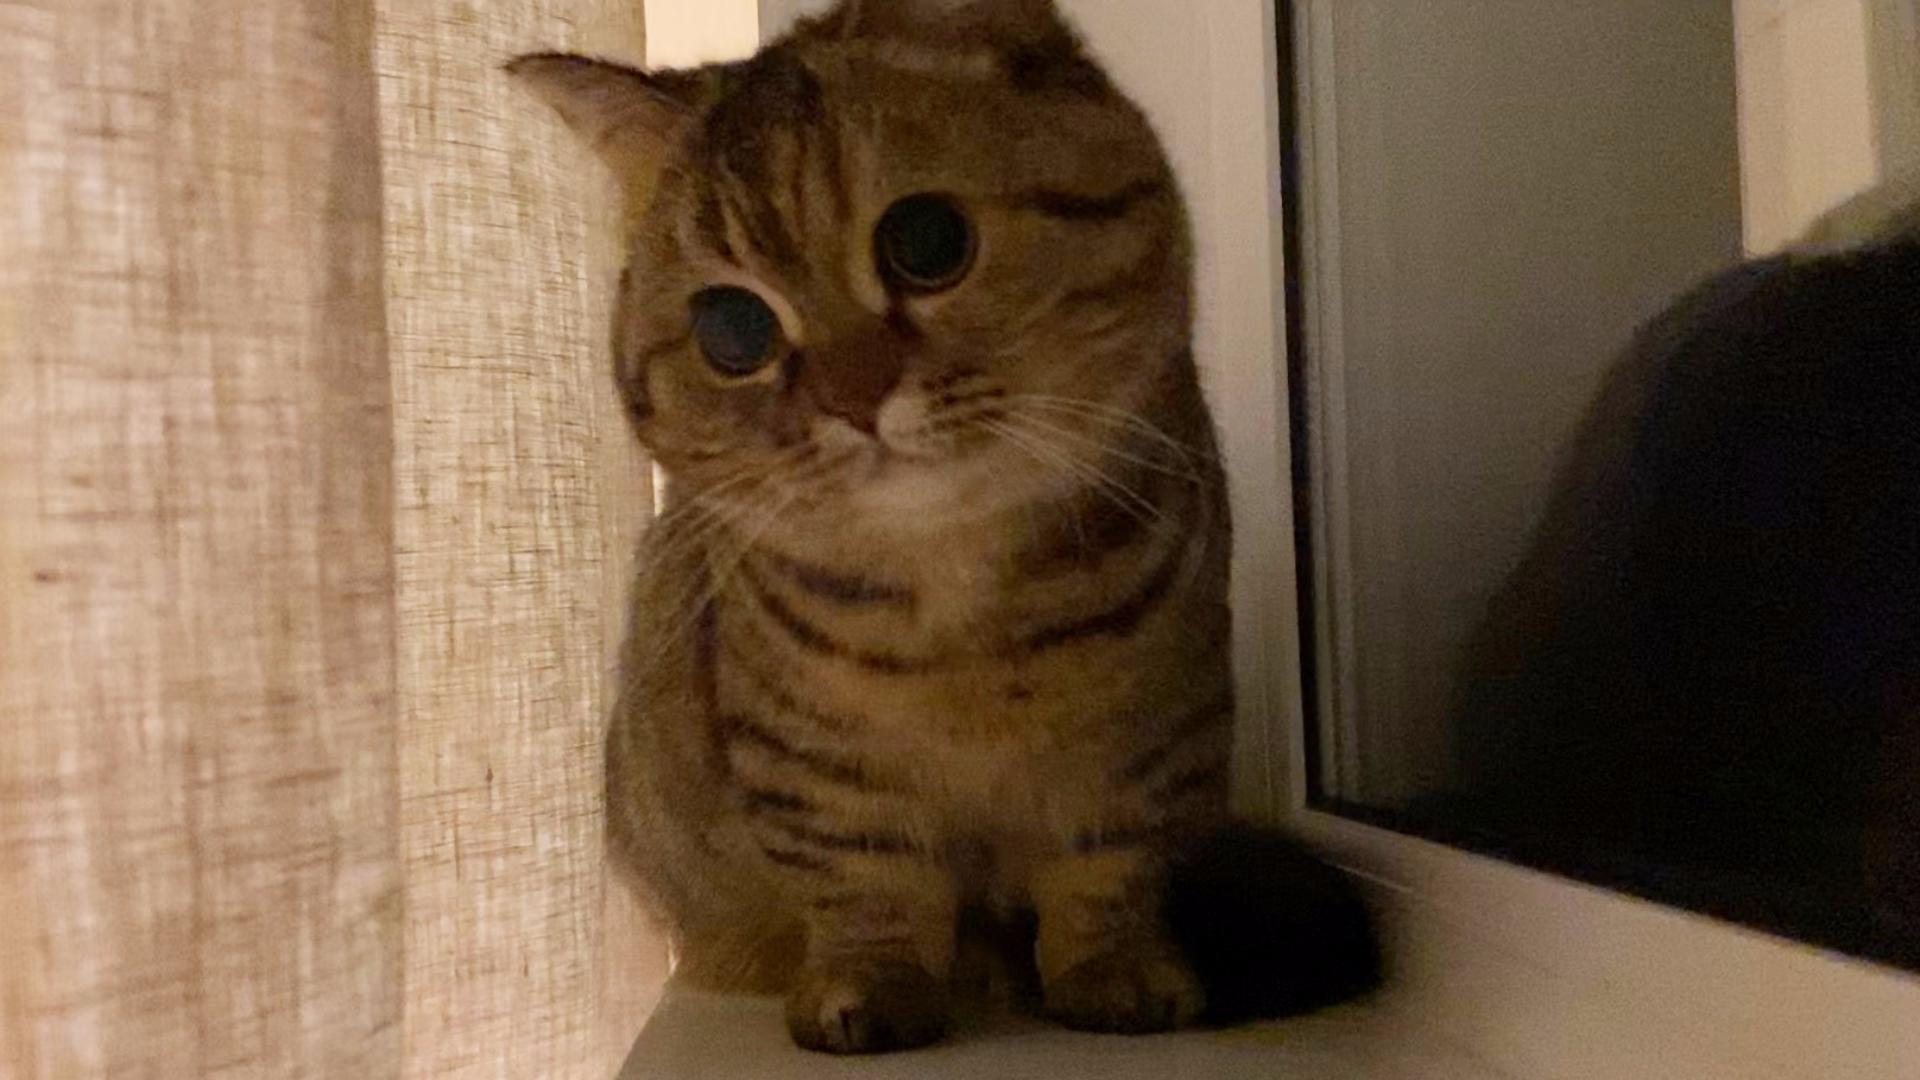 大脸猫企图卖萌俘虏人类!!!